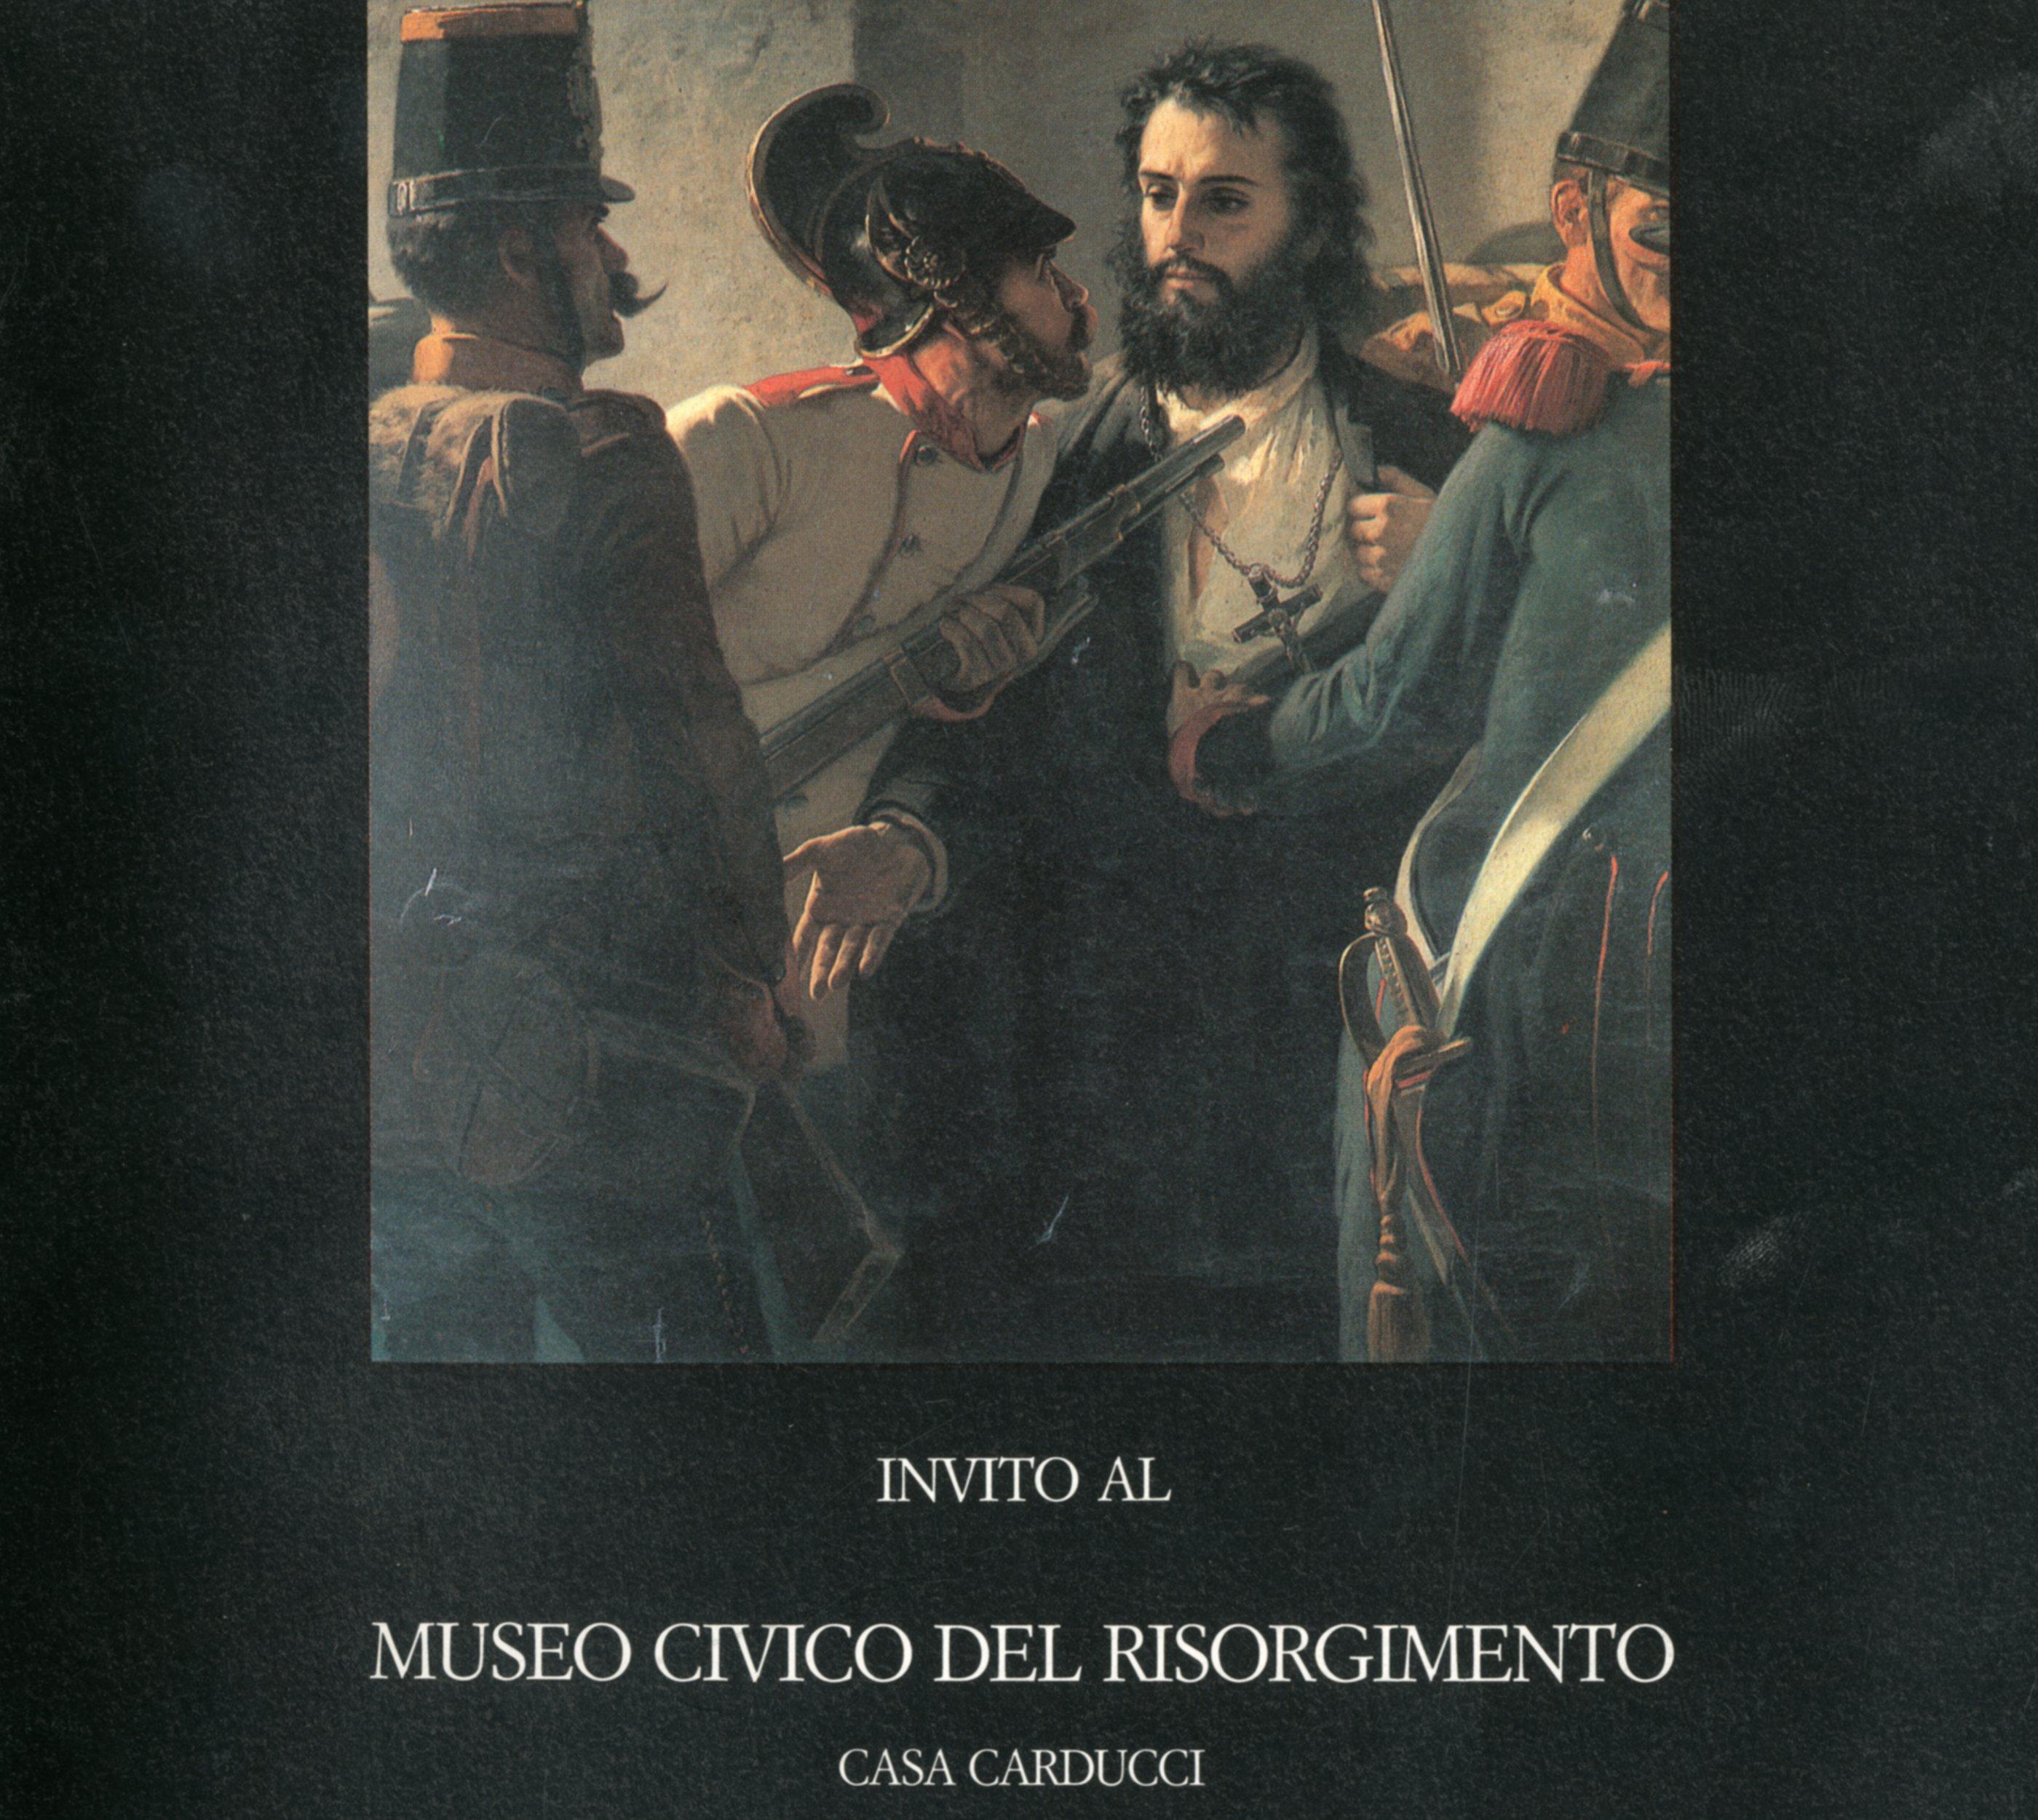 Invito al Museo civico del Risorgimento